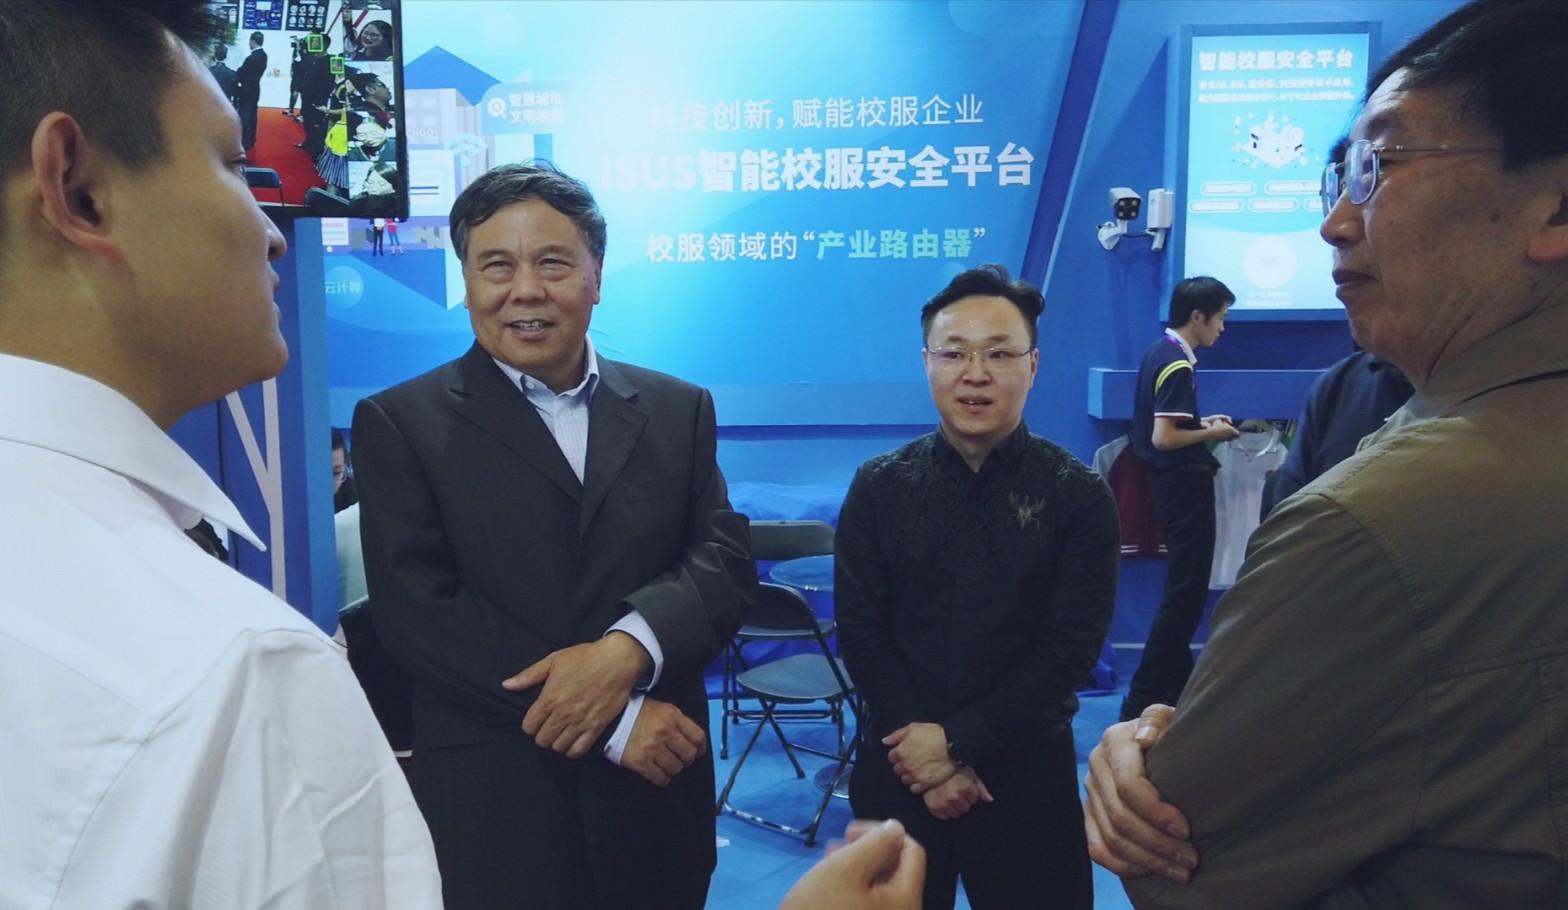 02教育部科技中心原主任李志民  1(1)_meitu_2.jpg